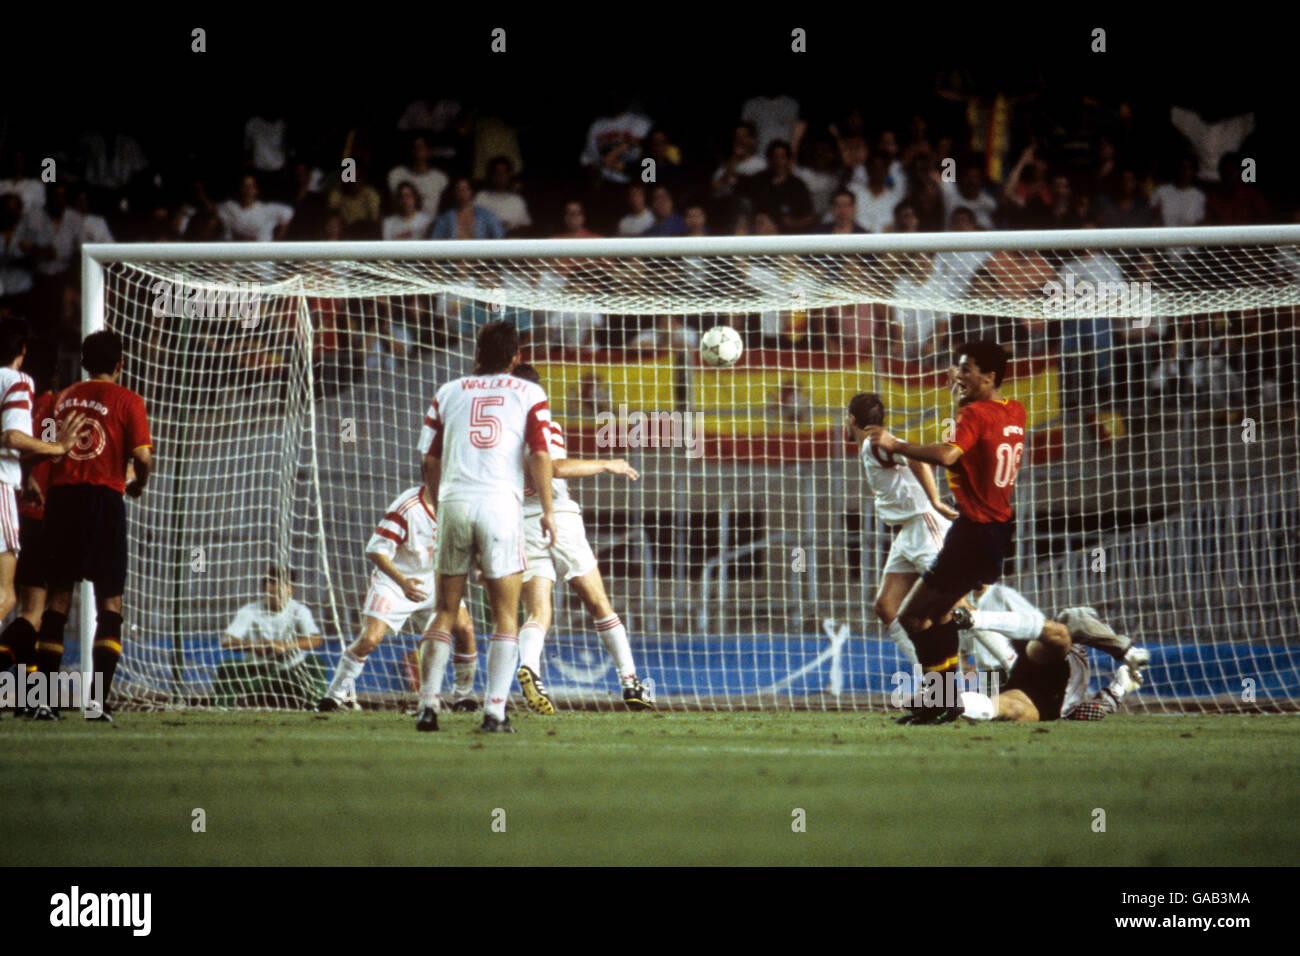 Futbol Juegos Olimpicos De Barcelona 1992 Final Espana